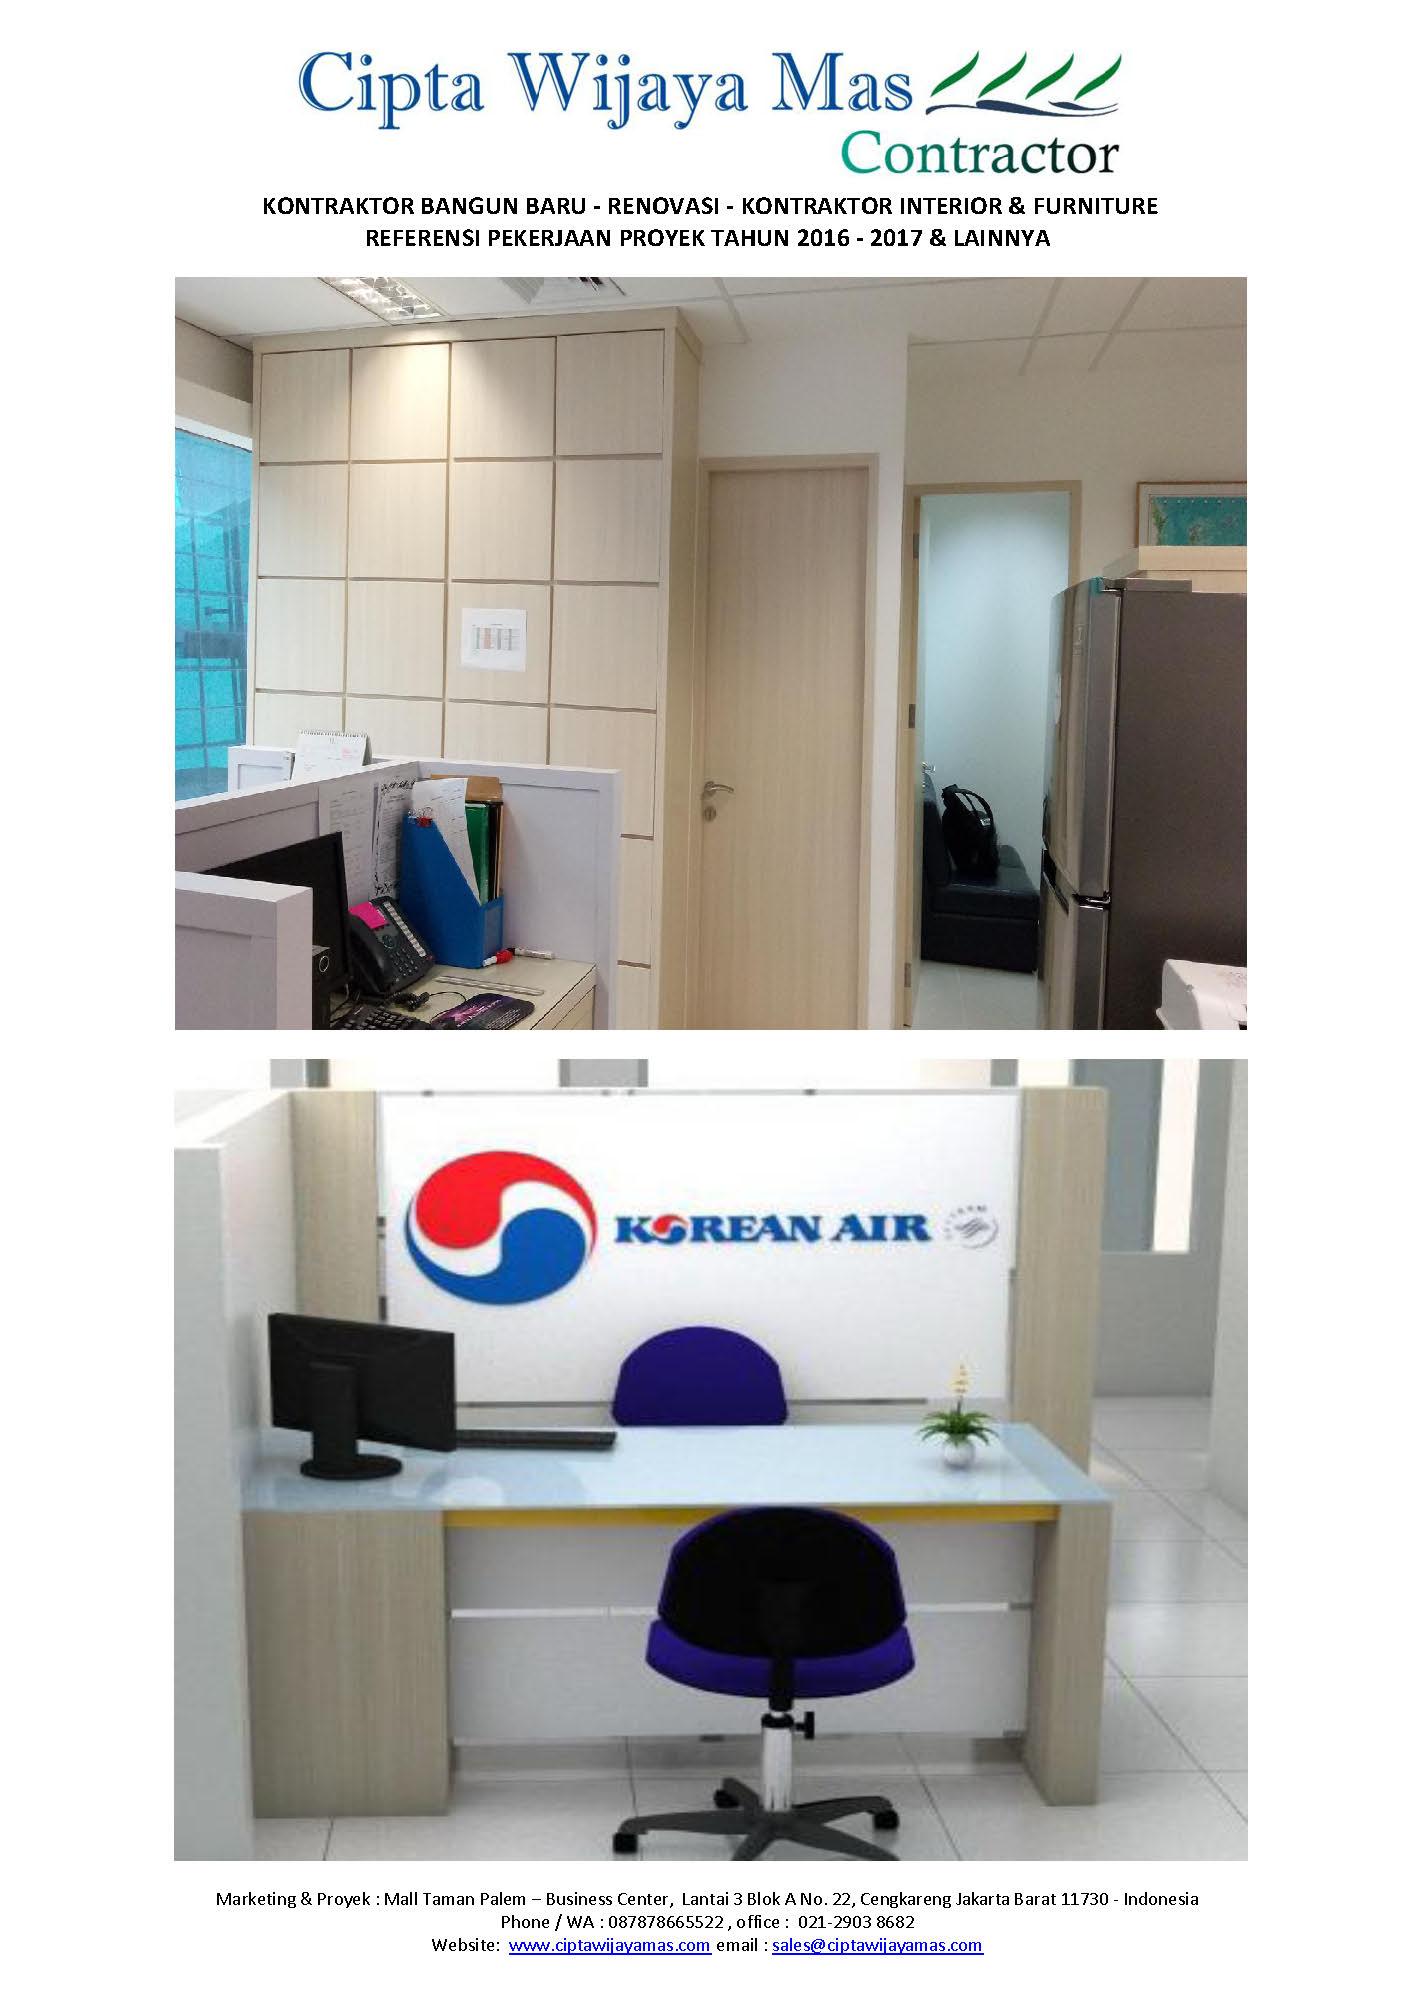 Modern Interior Design Kitchen. Kontraktor Interior, Design Gudang,  Kontraktor, Desain Modern Interior